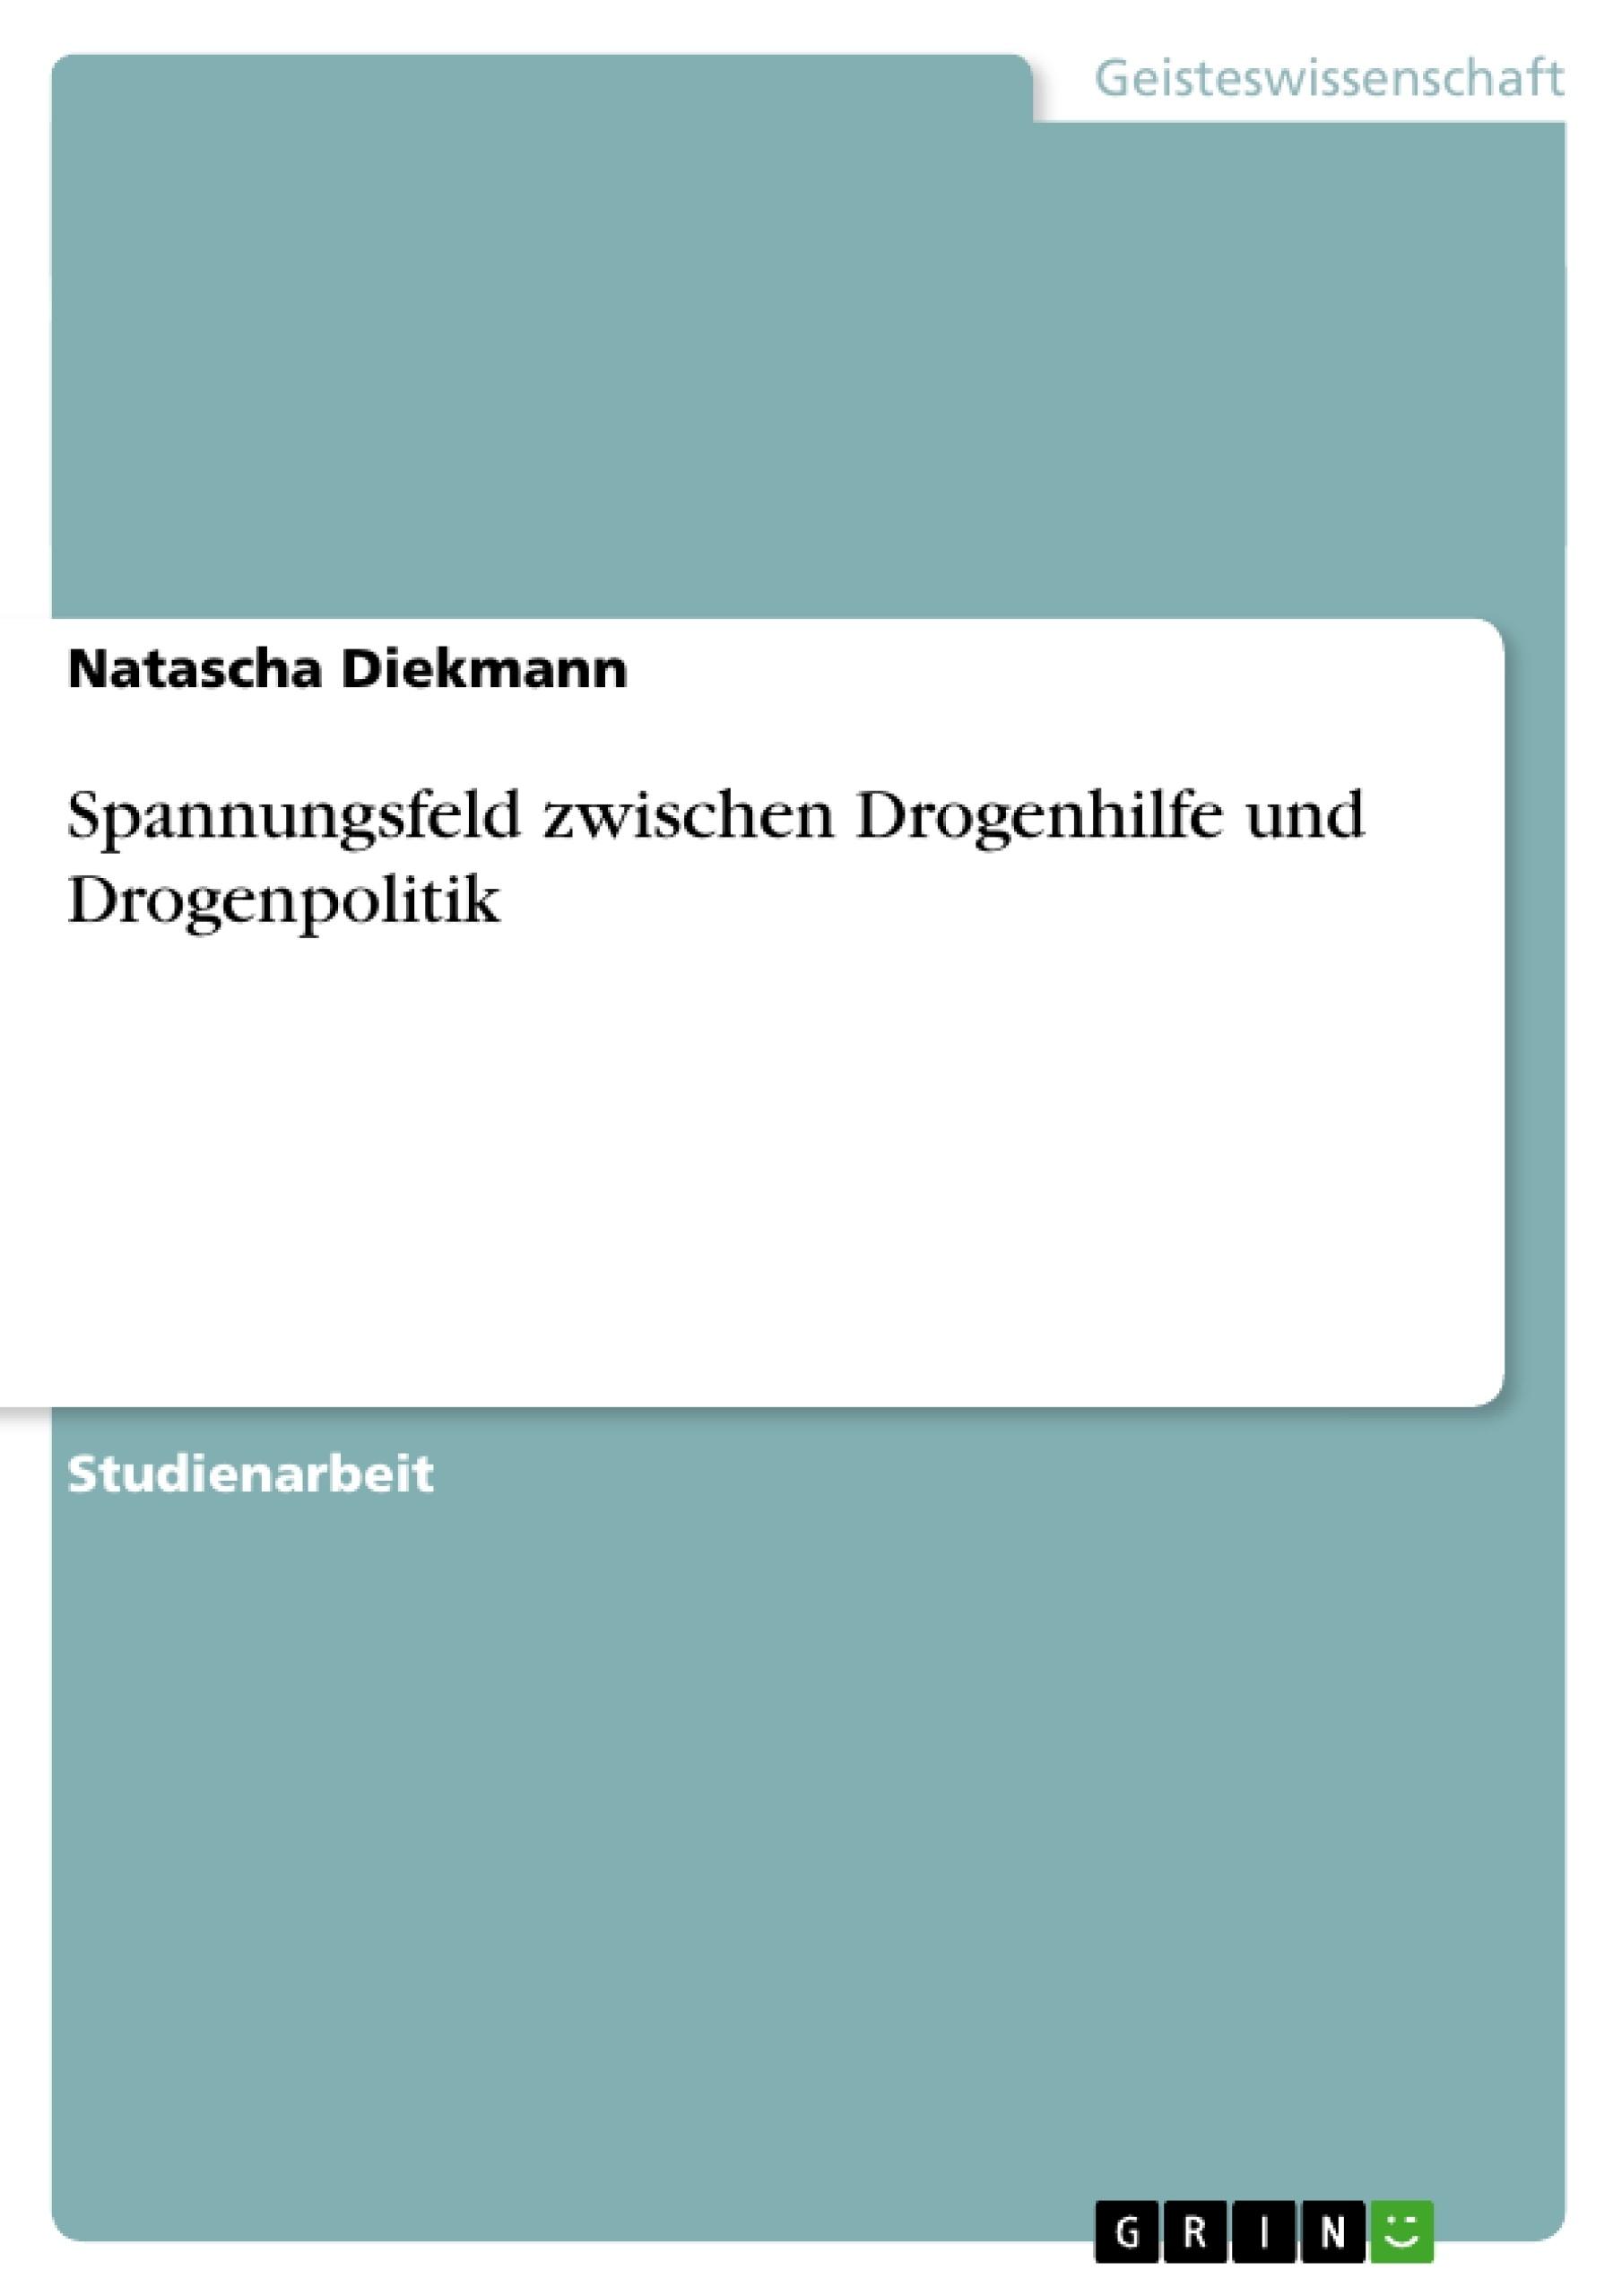 Titel: Spannungsfeld zwischen Drogenhilfe und Drogenpolitik